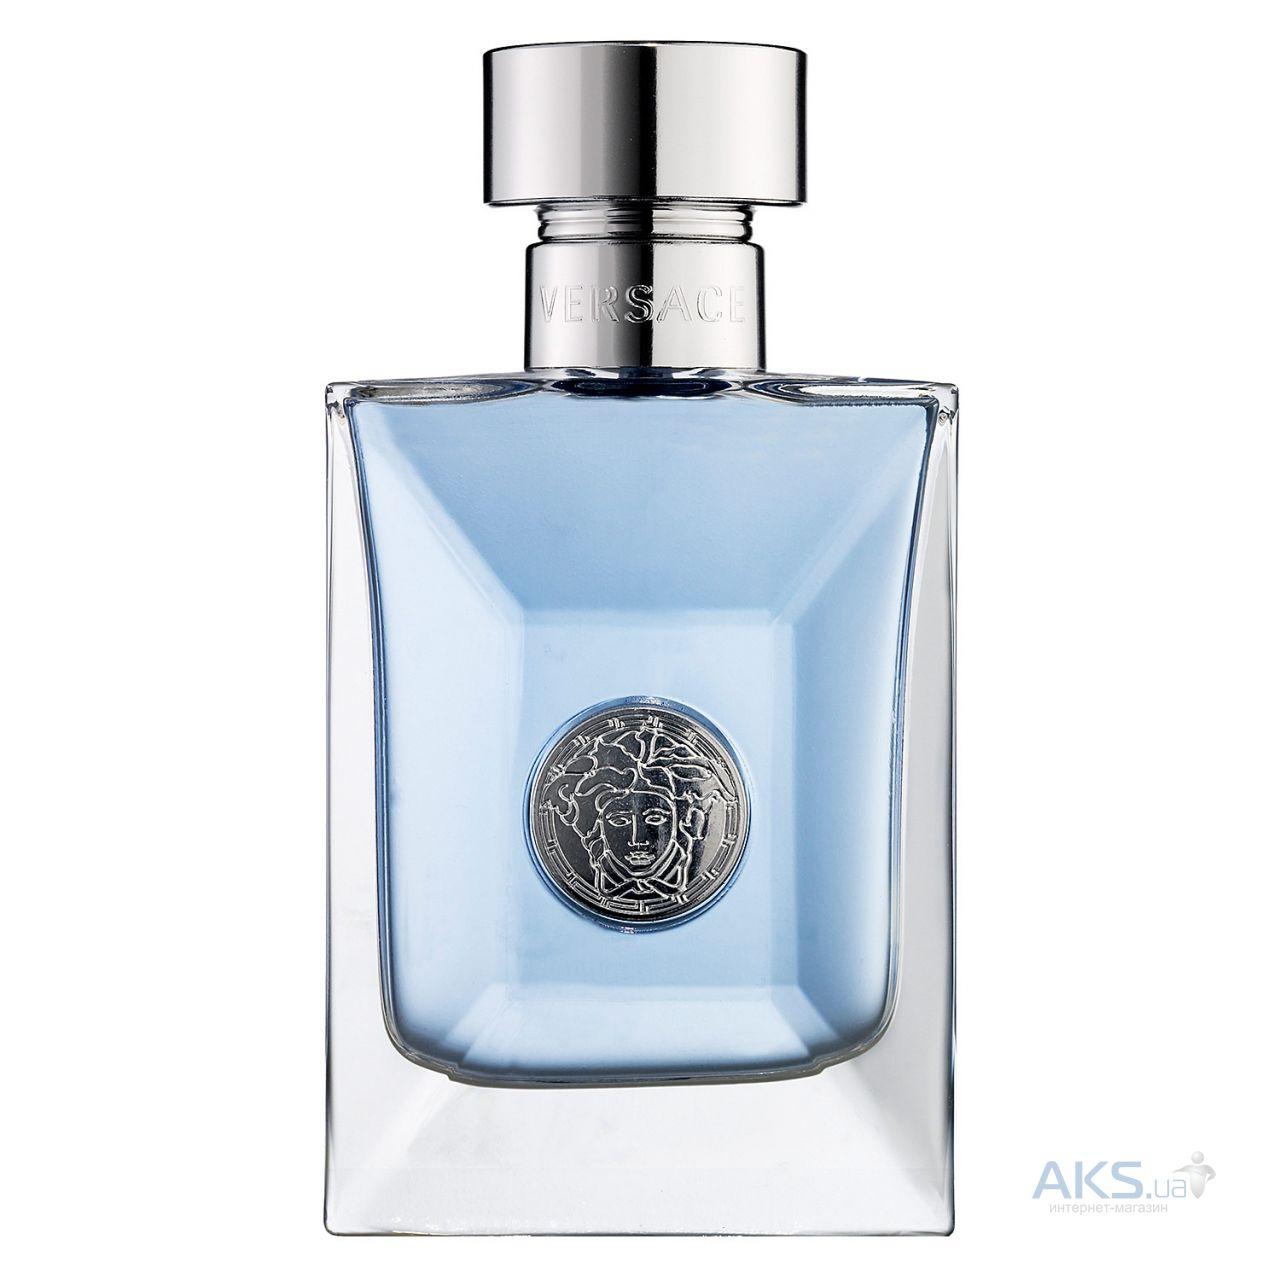 pour Homme Туалетная вода (тестер) 100 ml - купити в Україні cd4d7fdbc9538